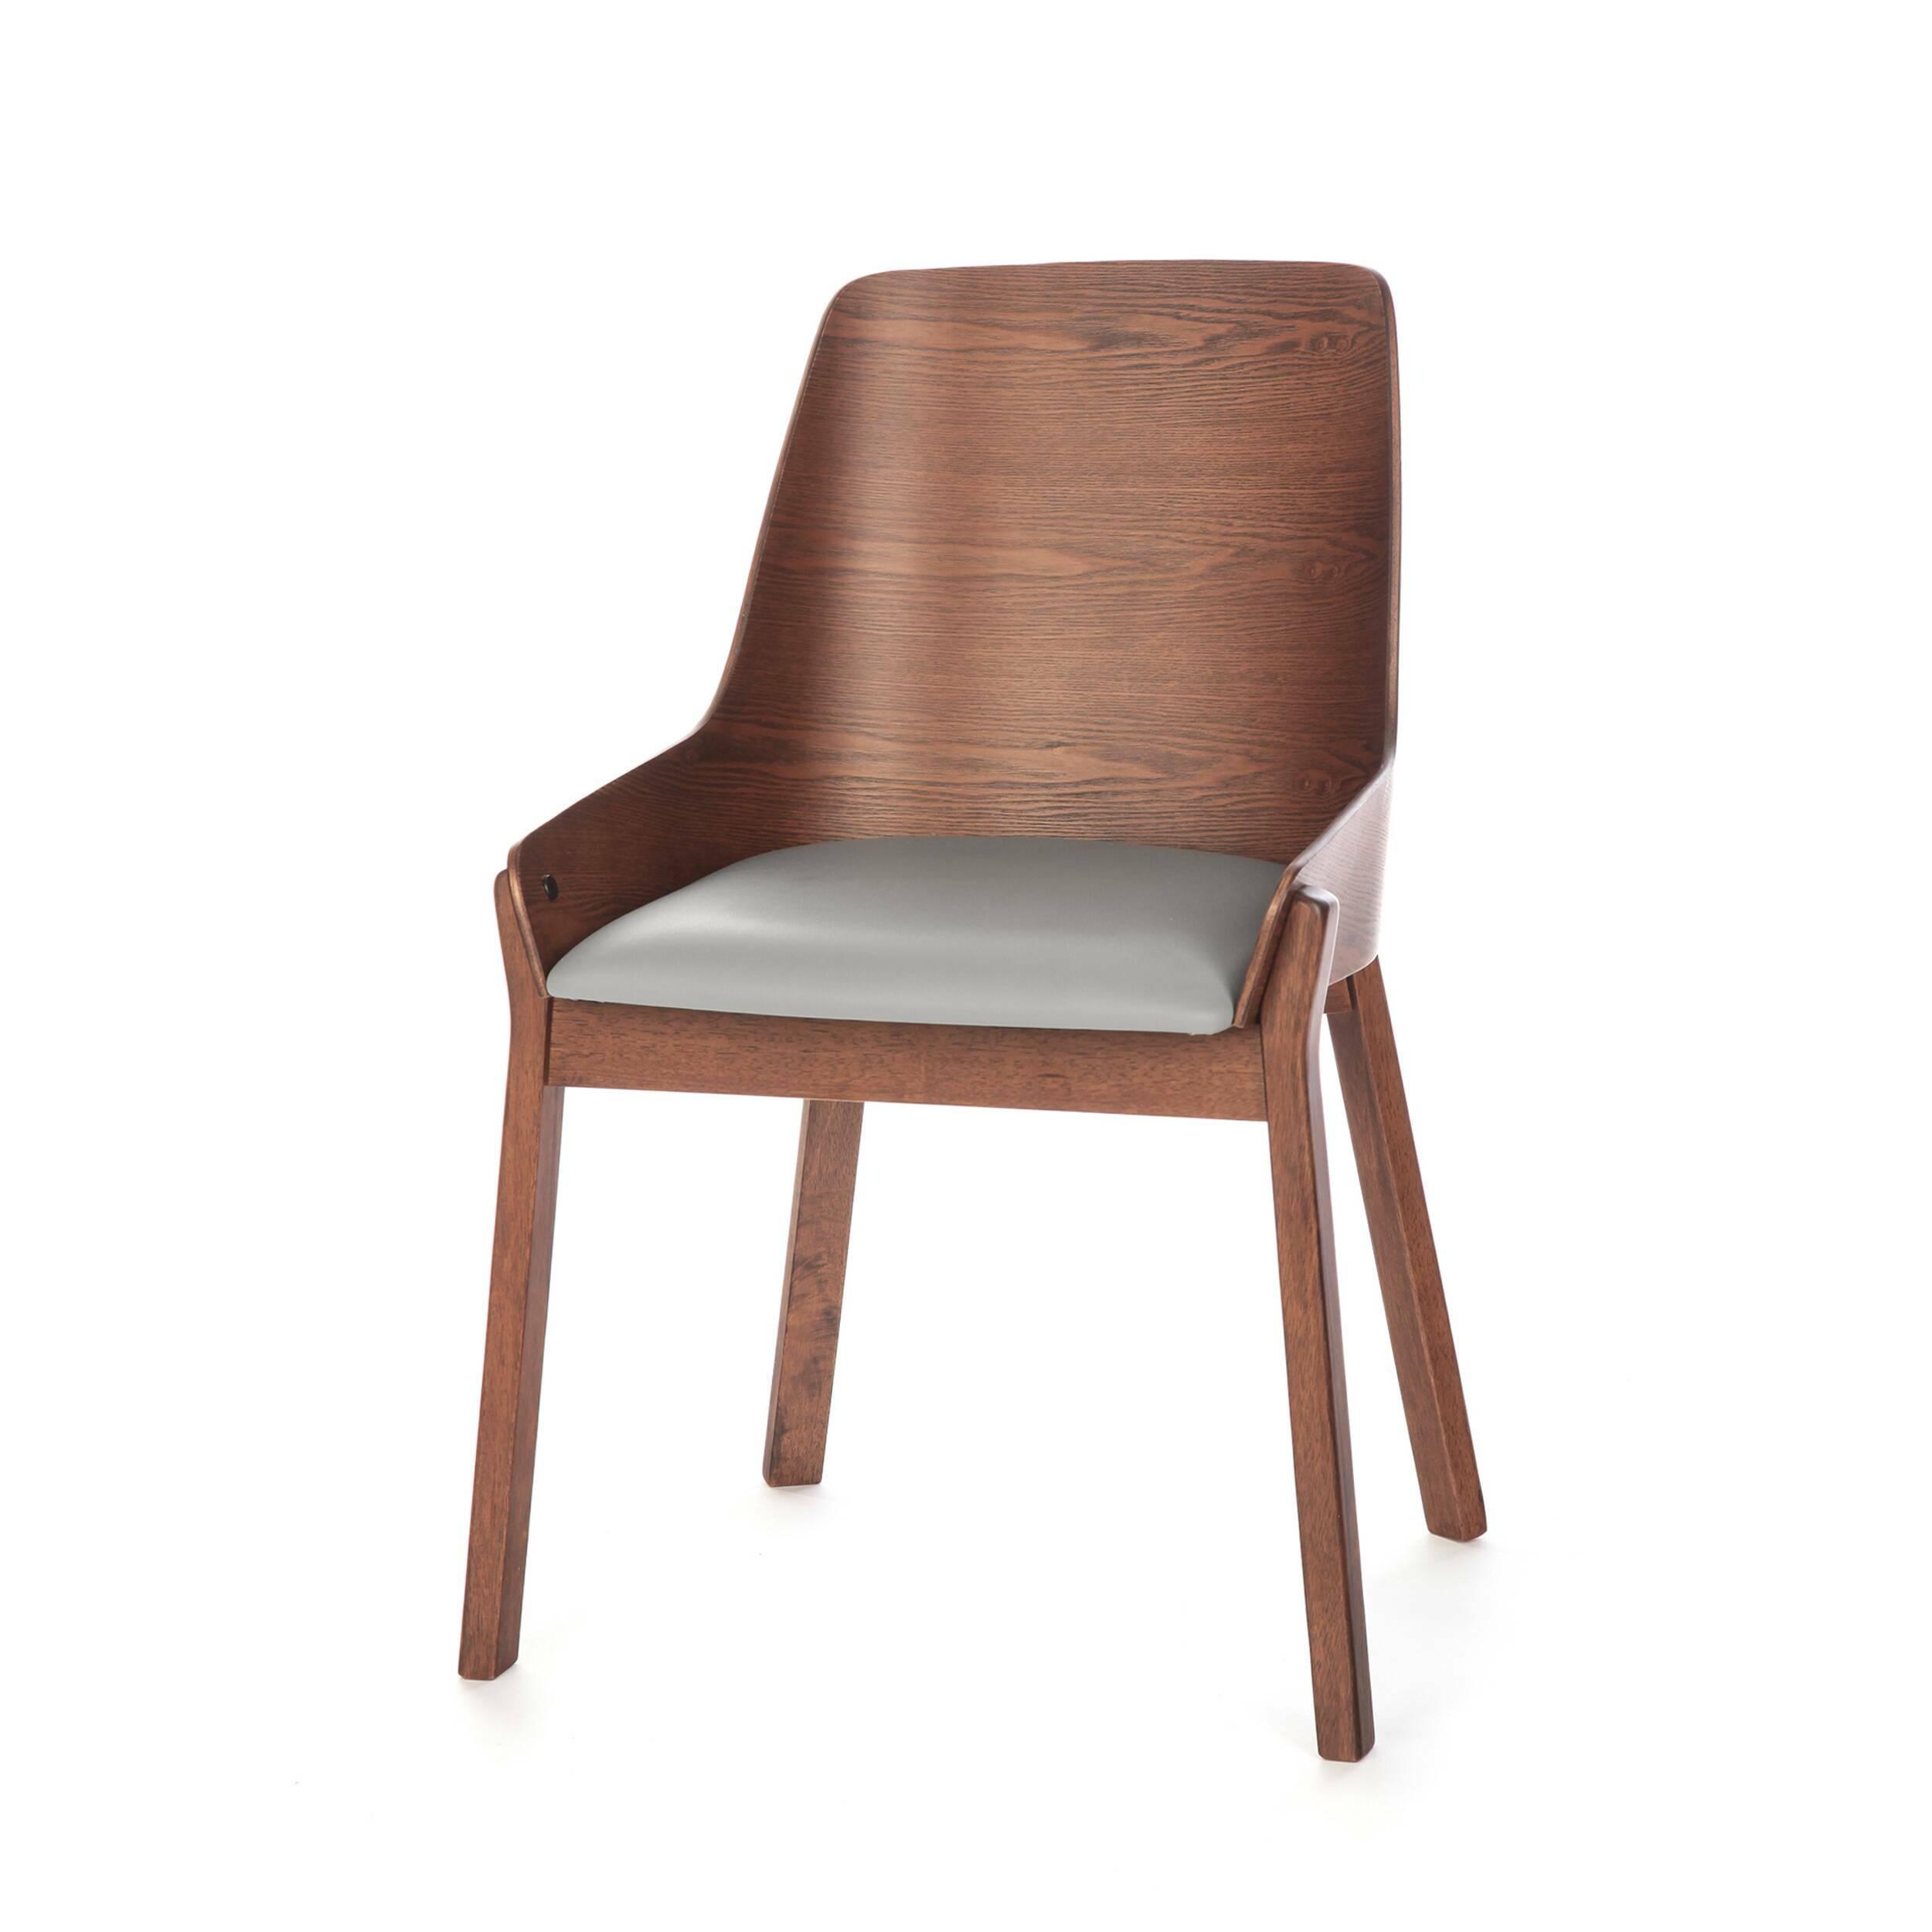 Стул Safia с мягким сиденьемИнтерьерные<br>Простой и элегантный стул Safia с мягким сиденьем идеально подходит для офисных помещений или для домашнего кабинета. Он выполнен в деловом стиле и обладает строгой цветовой палитрой. Модель особенно привлекательна своей высокой спинкой и мягким сиденьем, эта конструкция поможет снять напряжение и сохранит здоровую осанку.<br><br><br> Изделие создается из надежных, практичных материалов. Такая основа обеспечивает ему долгий срок службы даже при постоянном использовании в различных заведениях о...<br><br>stock: 81<br>Высота: 86<br>Ширина: 57,5<br>Глубина: 57<br>Цвет ножек: Орех<br>Цвет спинки: Орех<br>Материал ножек: Массив ясеня<br>Материал спинки: Фанера, шпон ясеня<br>Цвет сидения: Серый<br>Тип материала спинки: Фанера<br>Тип материала сидения: Поливинилхлорид<br>Тип материала ножек: Дерево